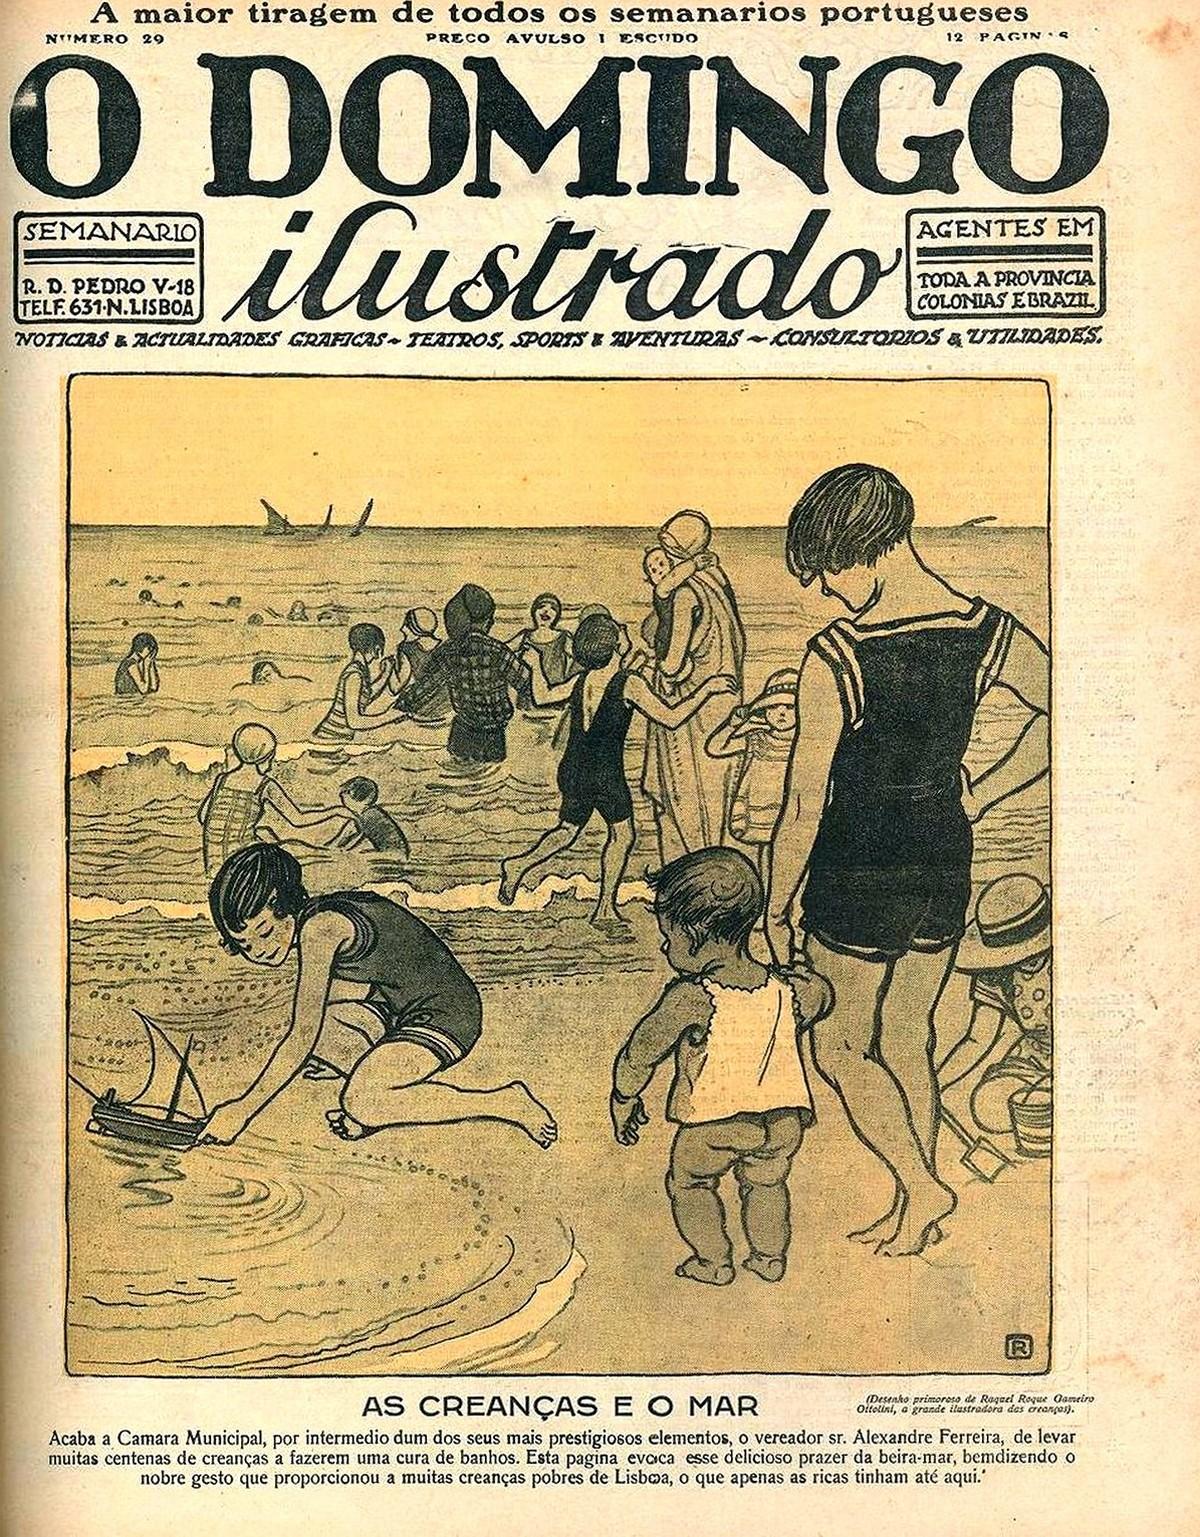 O domingo ilustrado n.º 29, 2 de Agosto de 1925. Pintora Raquel Roque Gameiro Ottolini